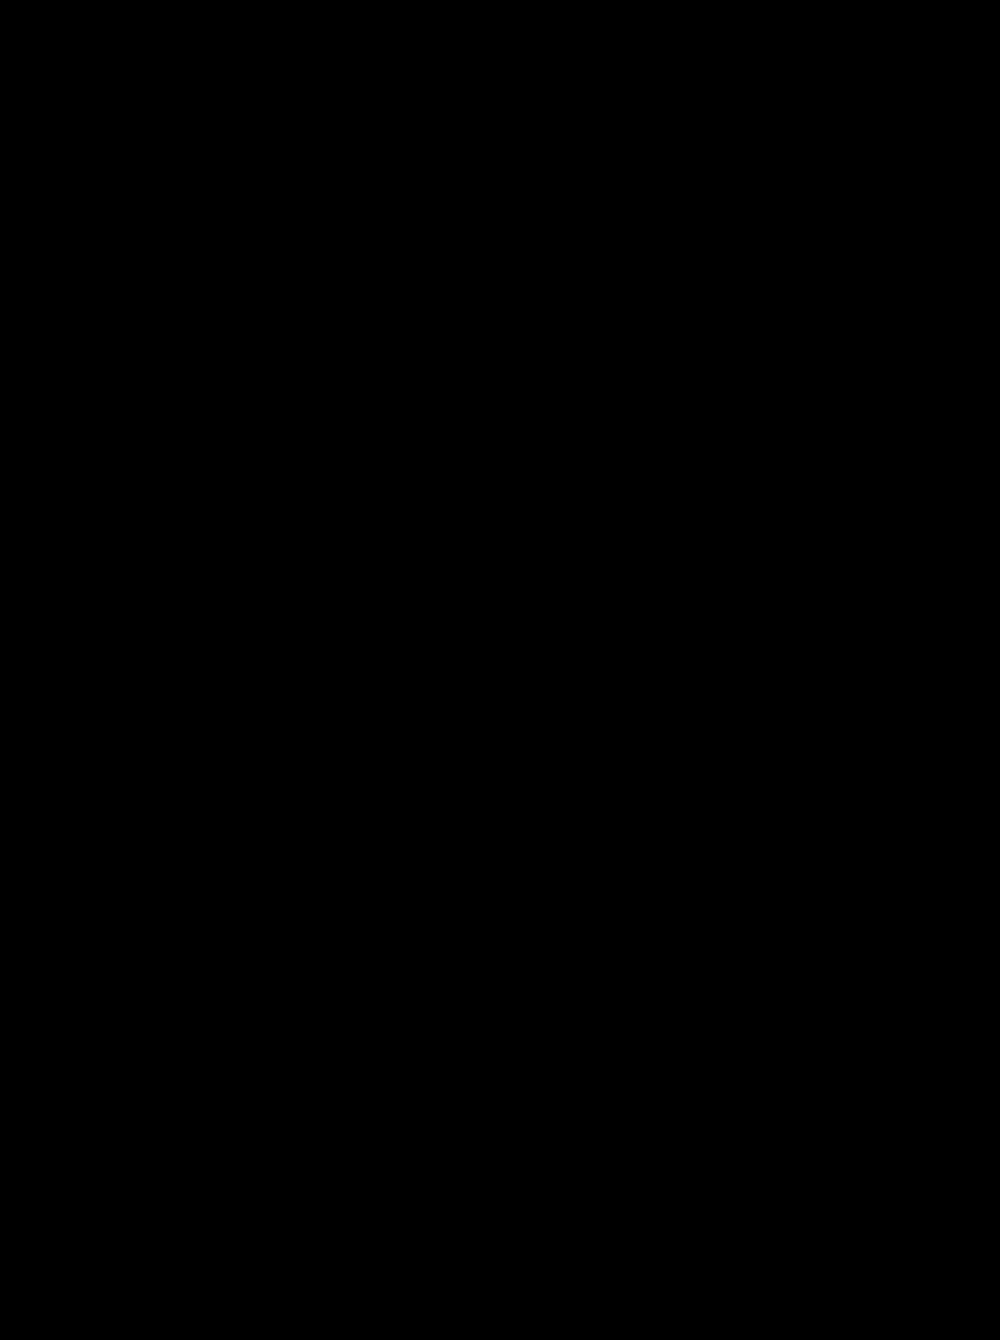 SFP-logo.png